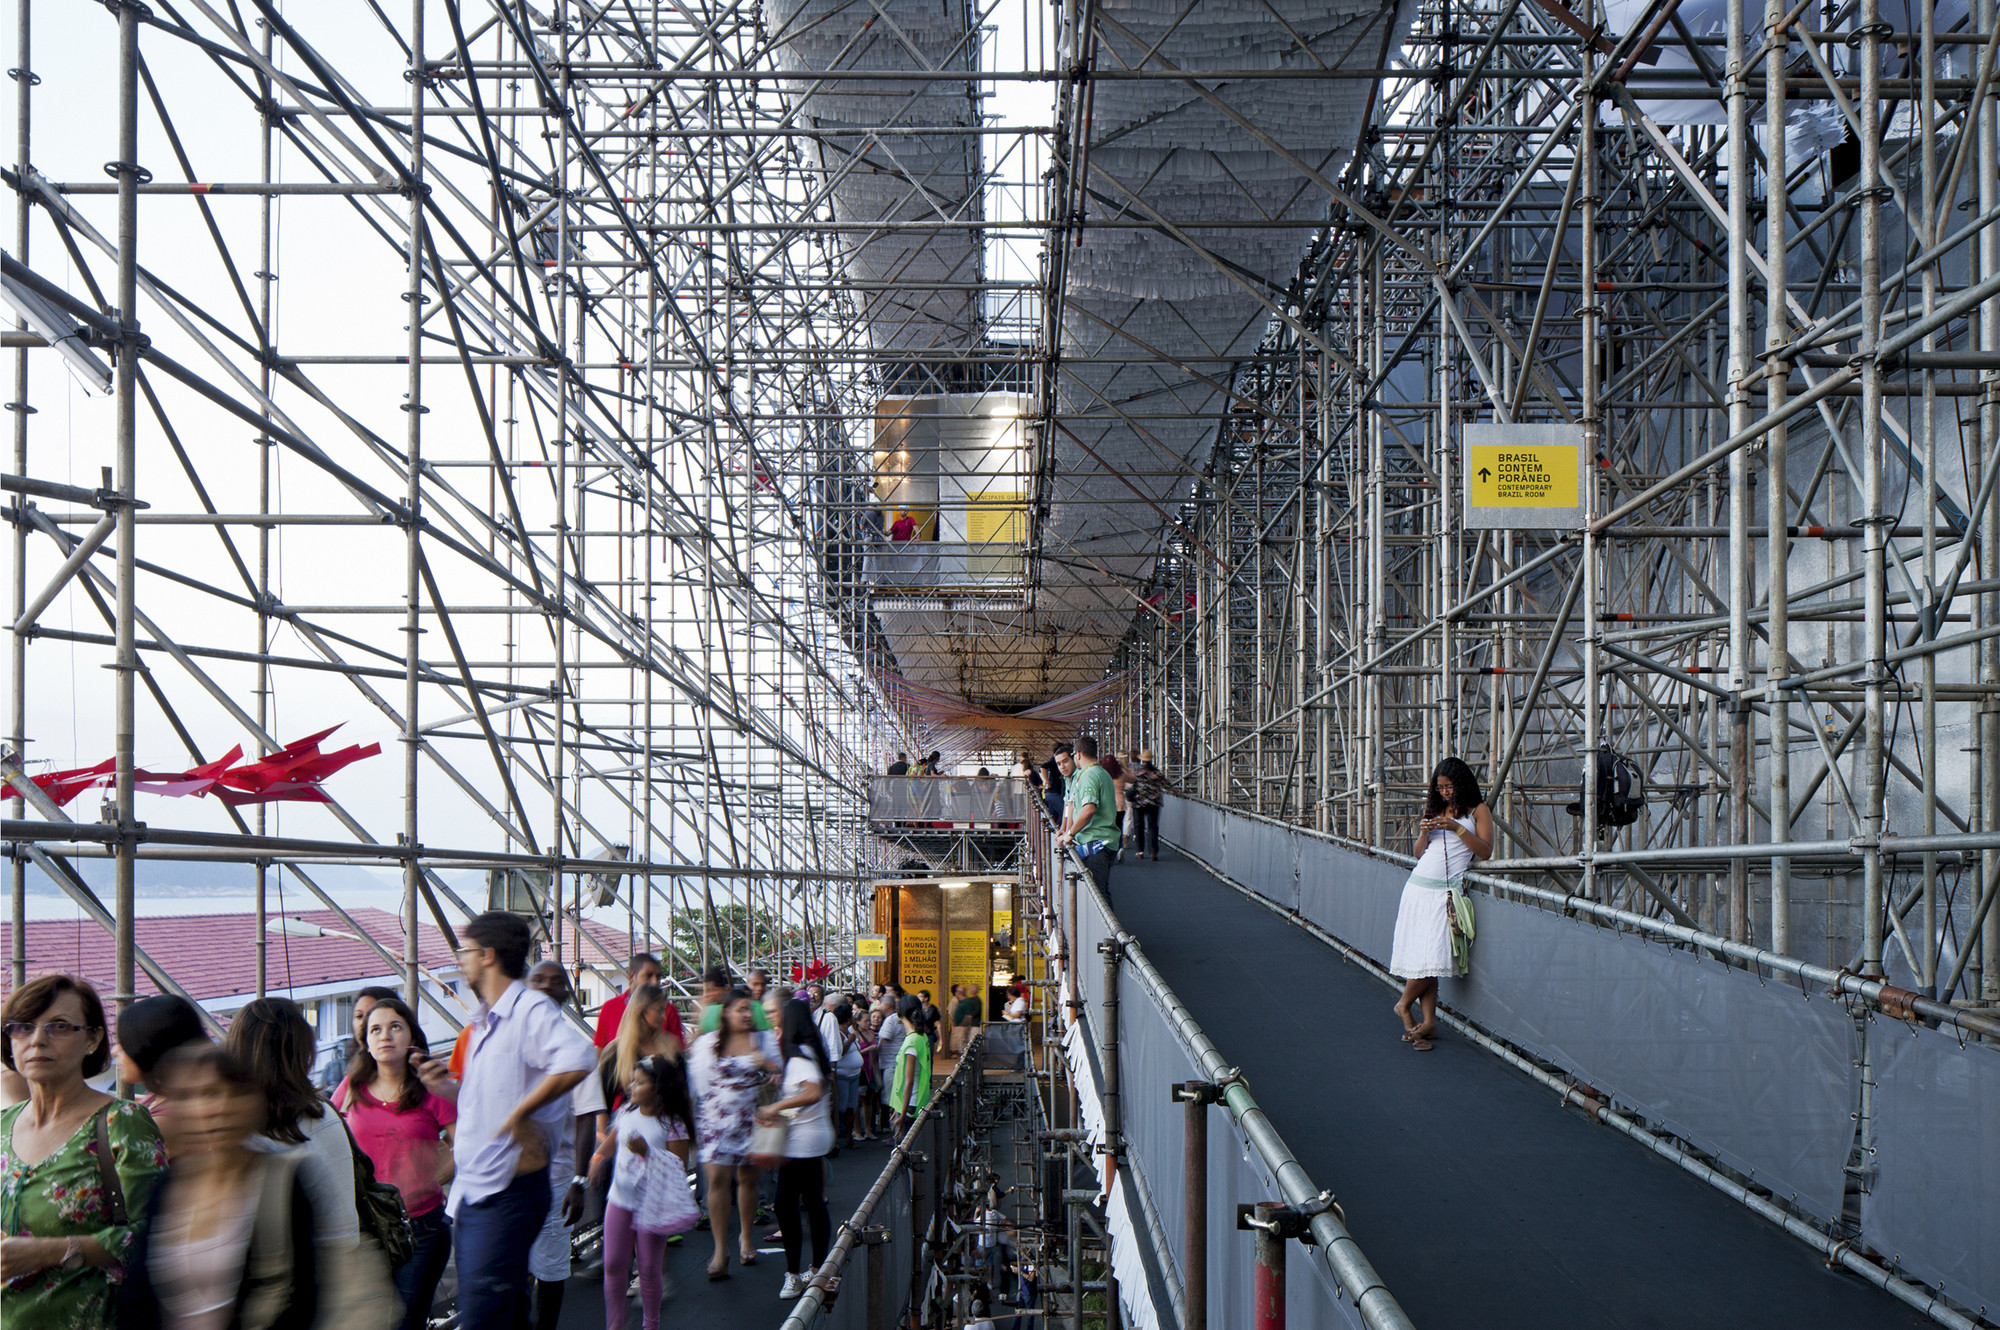 #100DesignLatinAmerica: ecología y diseño en Latinoamérica, Carla Juaçaba + Bia Lessa: Pavilhão Humanidade 2012 . Image Cortesia de Felipe Vera